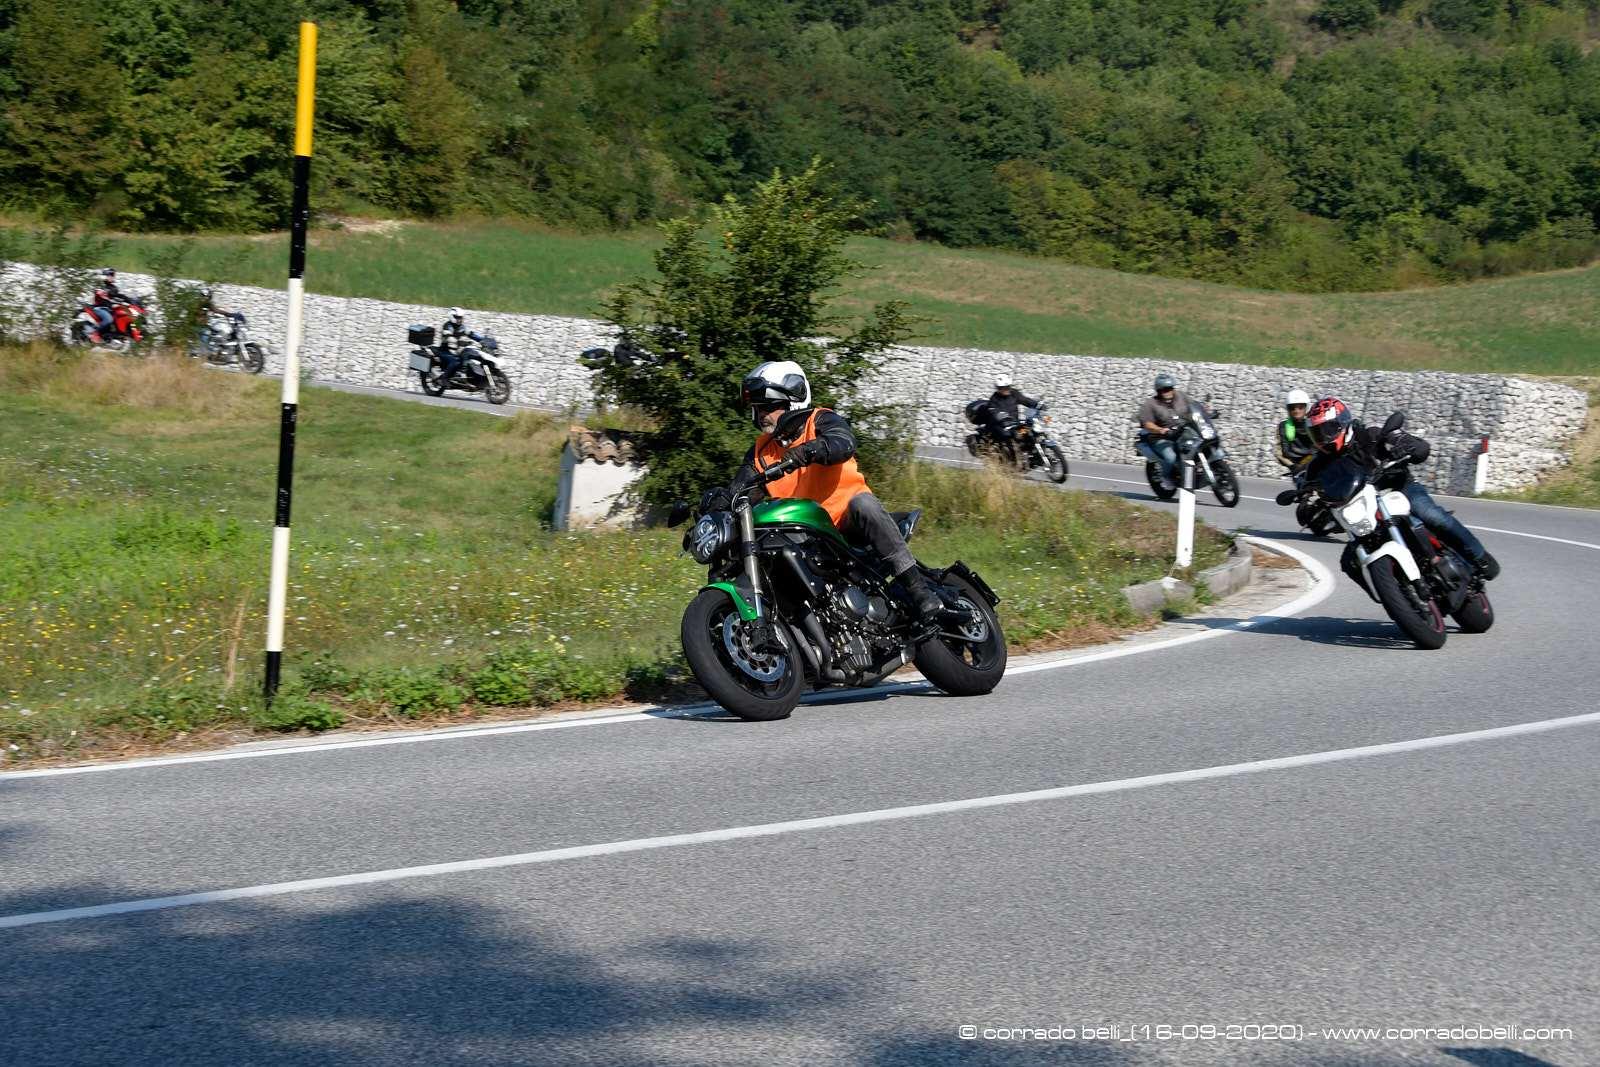 0104-Benelli-Week_16-09-20